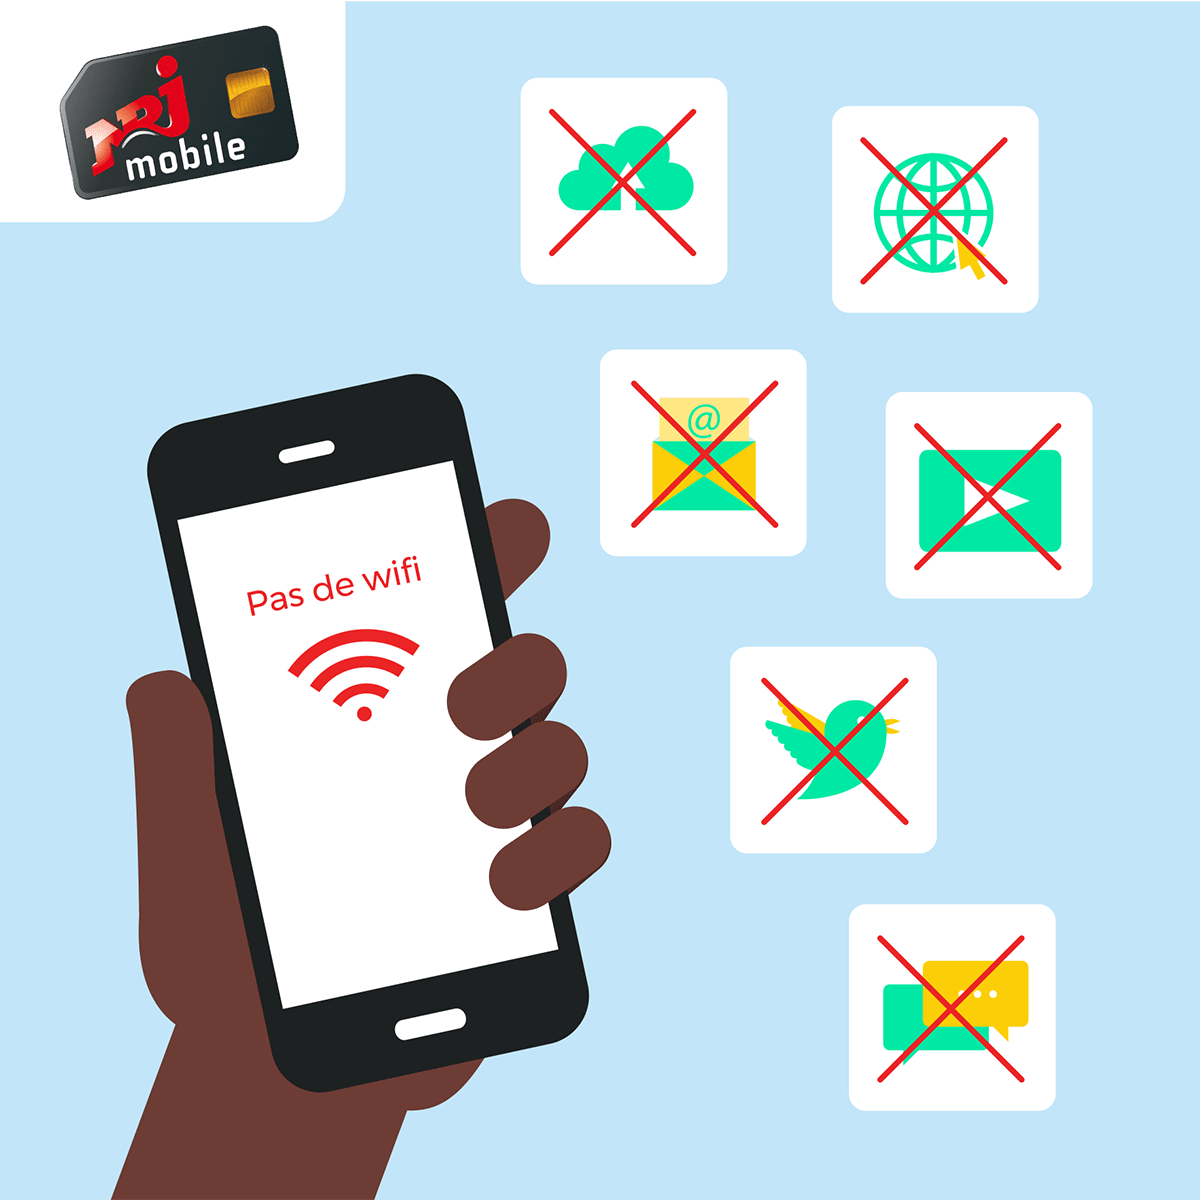 Panne et service client NRJ Mobile